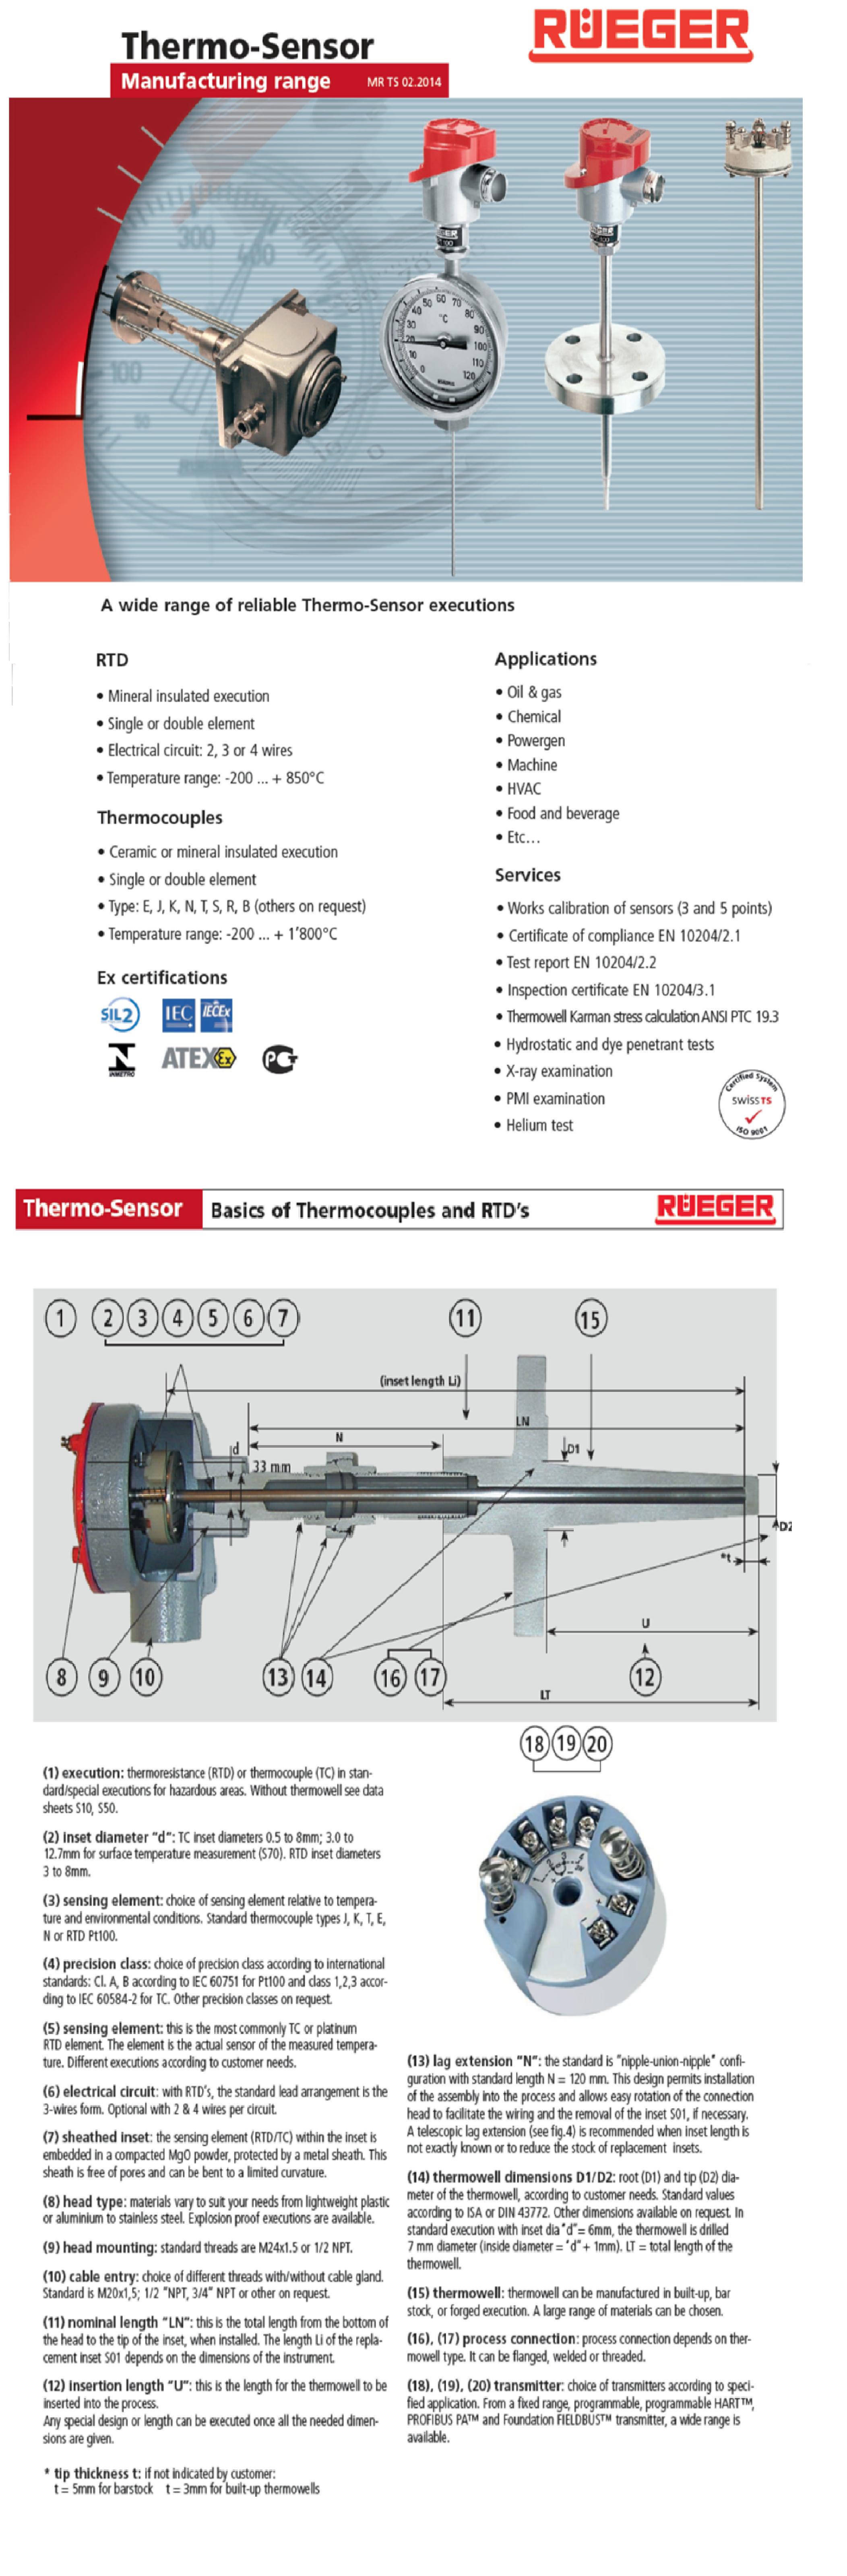 thermo-sensor